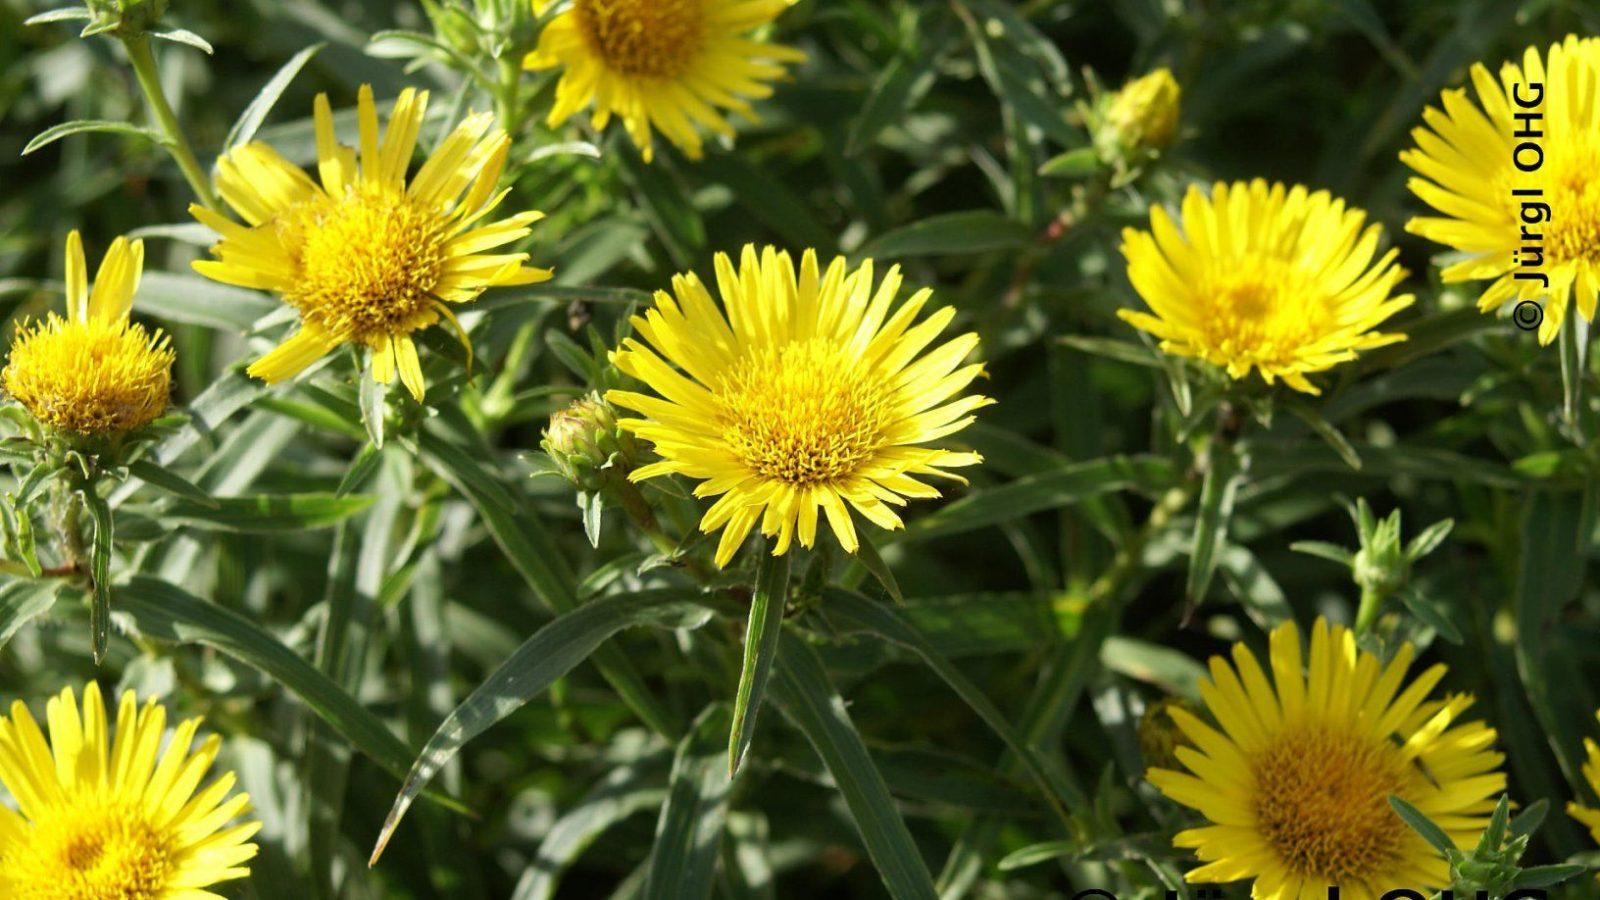 Inulaensifoliabild7 von Pflanzen Für Sonnige Trockene Standorte Photo